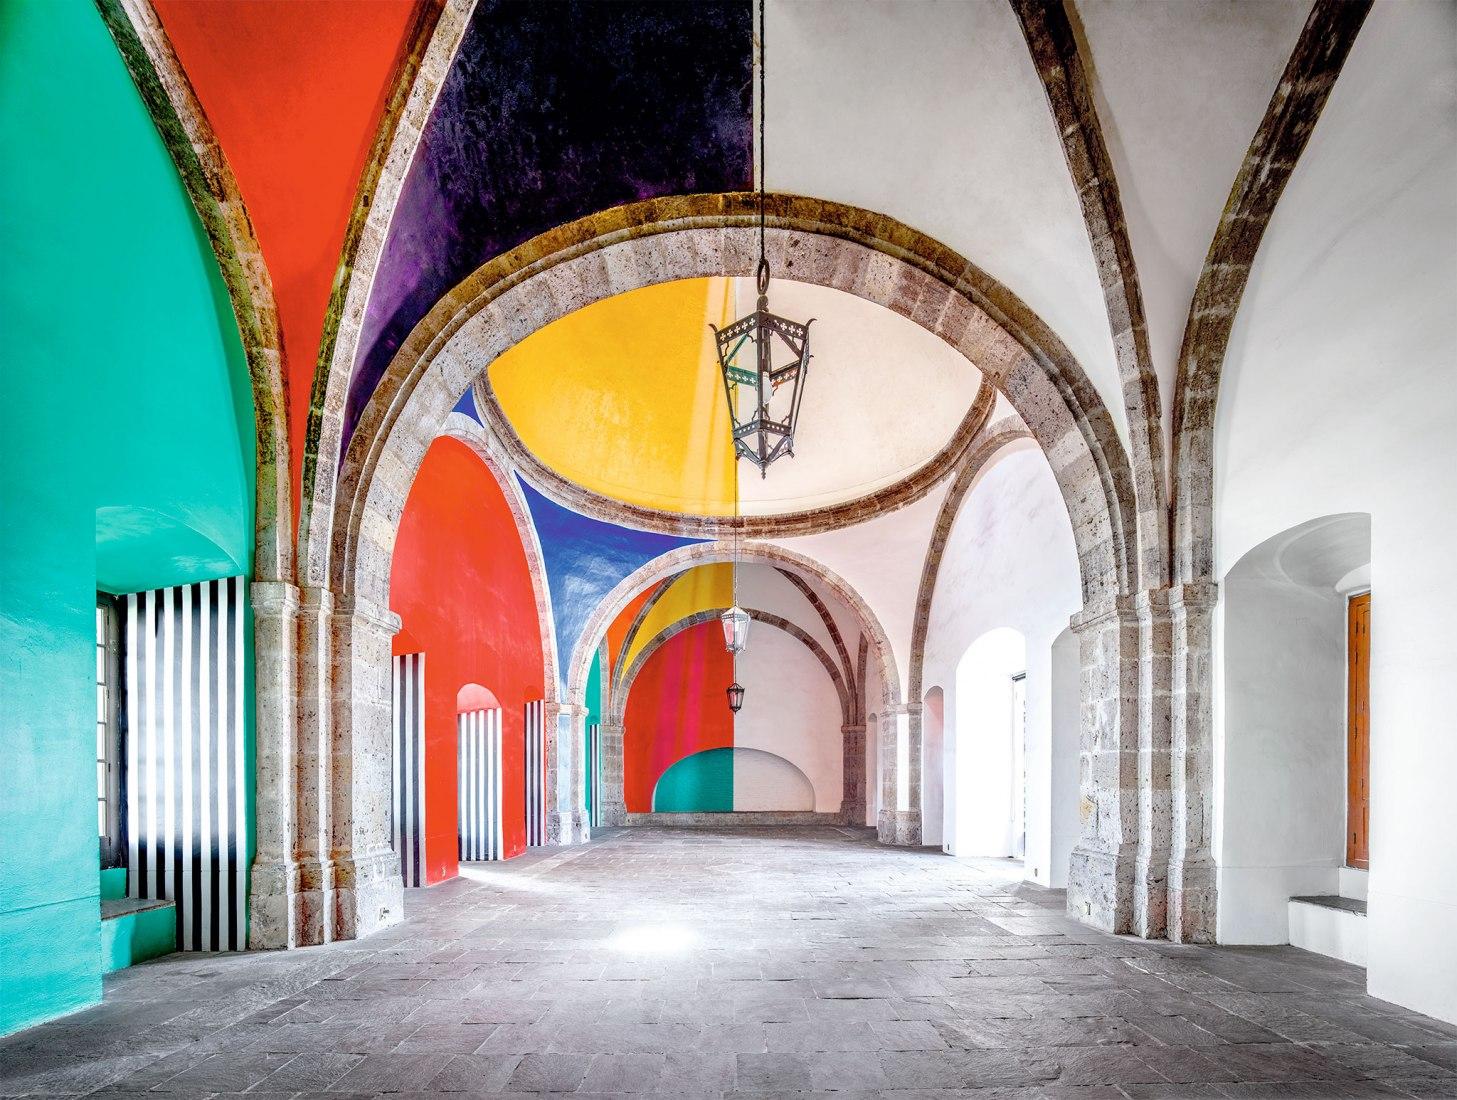 Candida Höfer, Hospicio Cabañas Capilla Tolsá de Daniel Buren, Guadalajara I, 2015. Impresión en color. Imagen cortesía de Sean Kelly, Nueva York